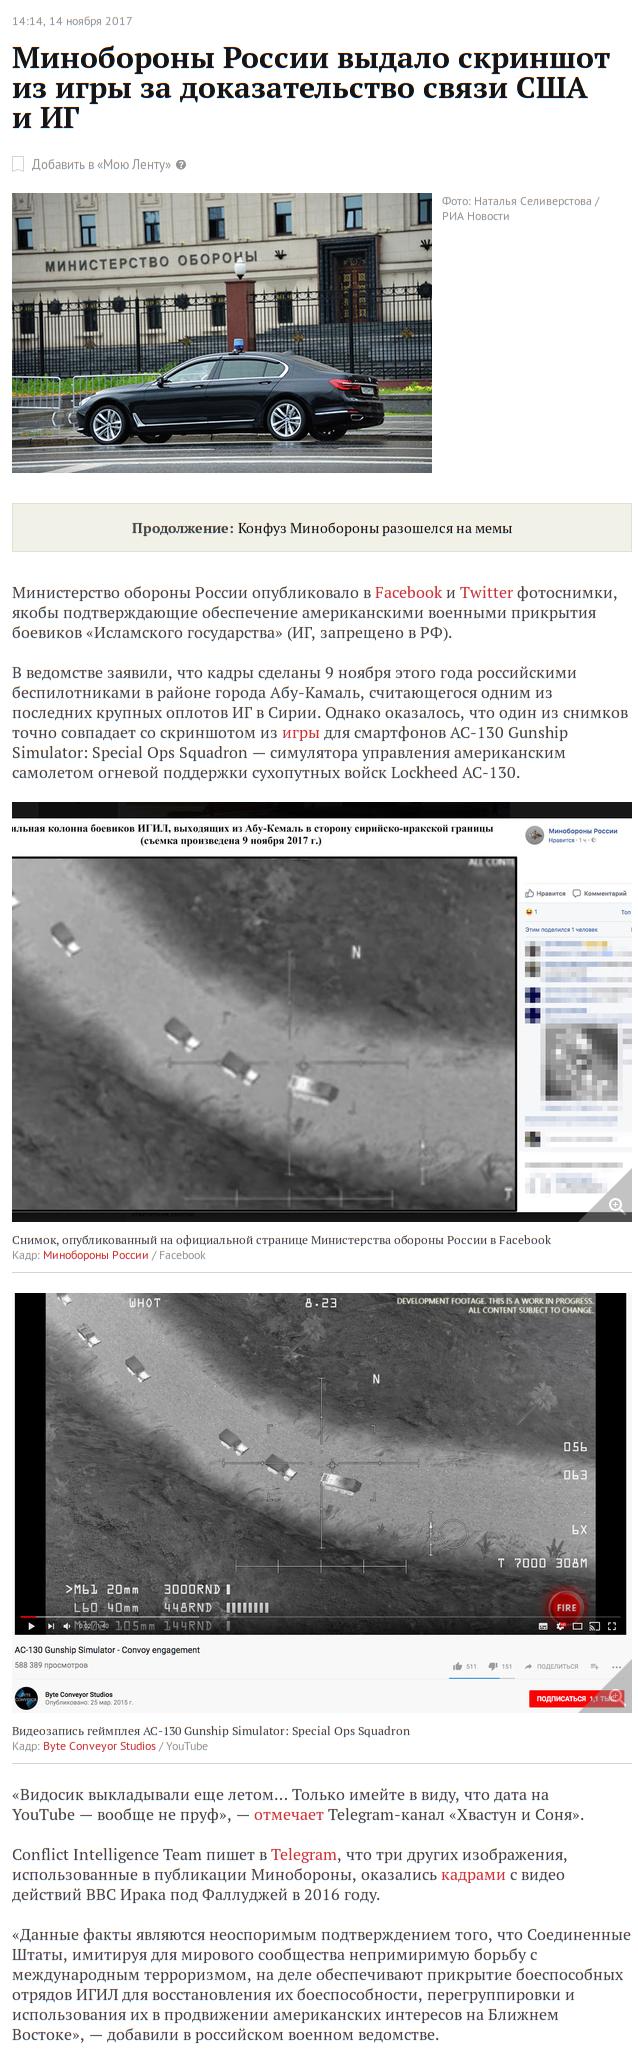 Как Трамп пытался заманить Путина в одно место - Цензор.НЕТ 4508